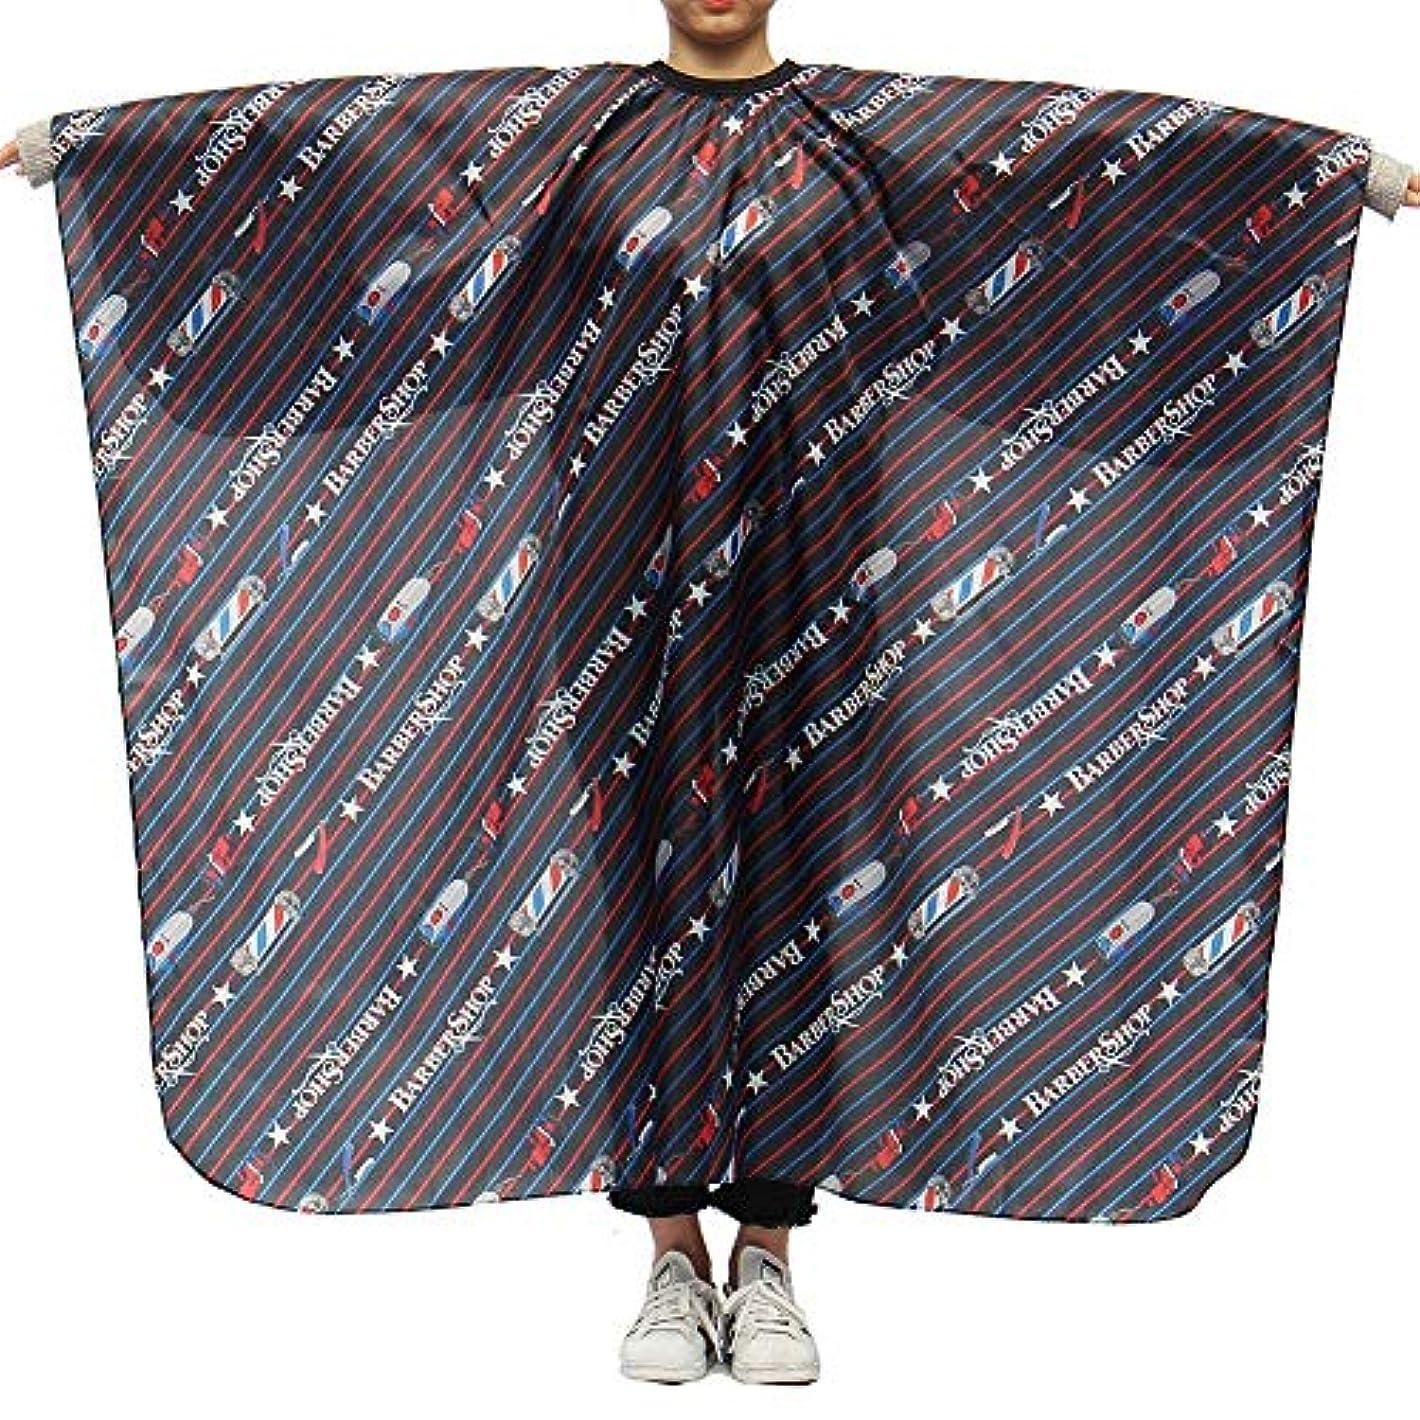 ハイキング壁紙マエストロBrill(ブリーオ)-ビューティー 理髪ケープ 理髪布 家庭用 店用 通気性 滑らか ポリエステル製